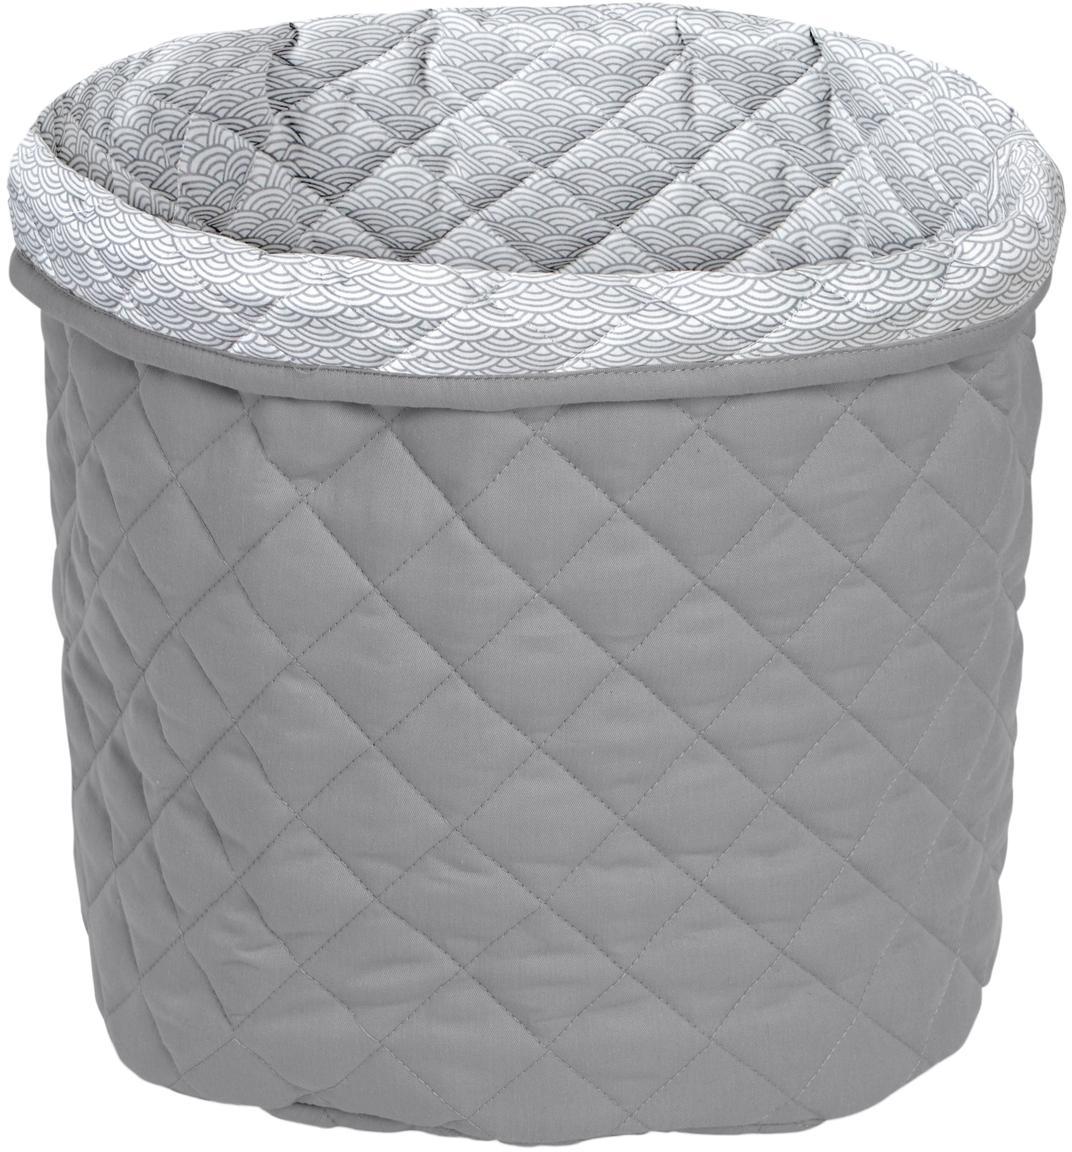 Aufbewahrungskorb Wave aus Bio-Baumwolle, Bezug: Bio-Baumwolle, Grau, Ø 30 x H 33 cm